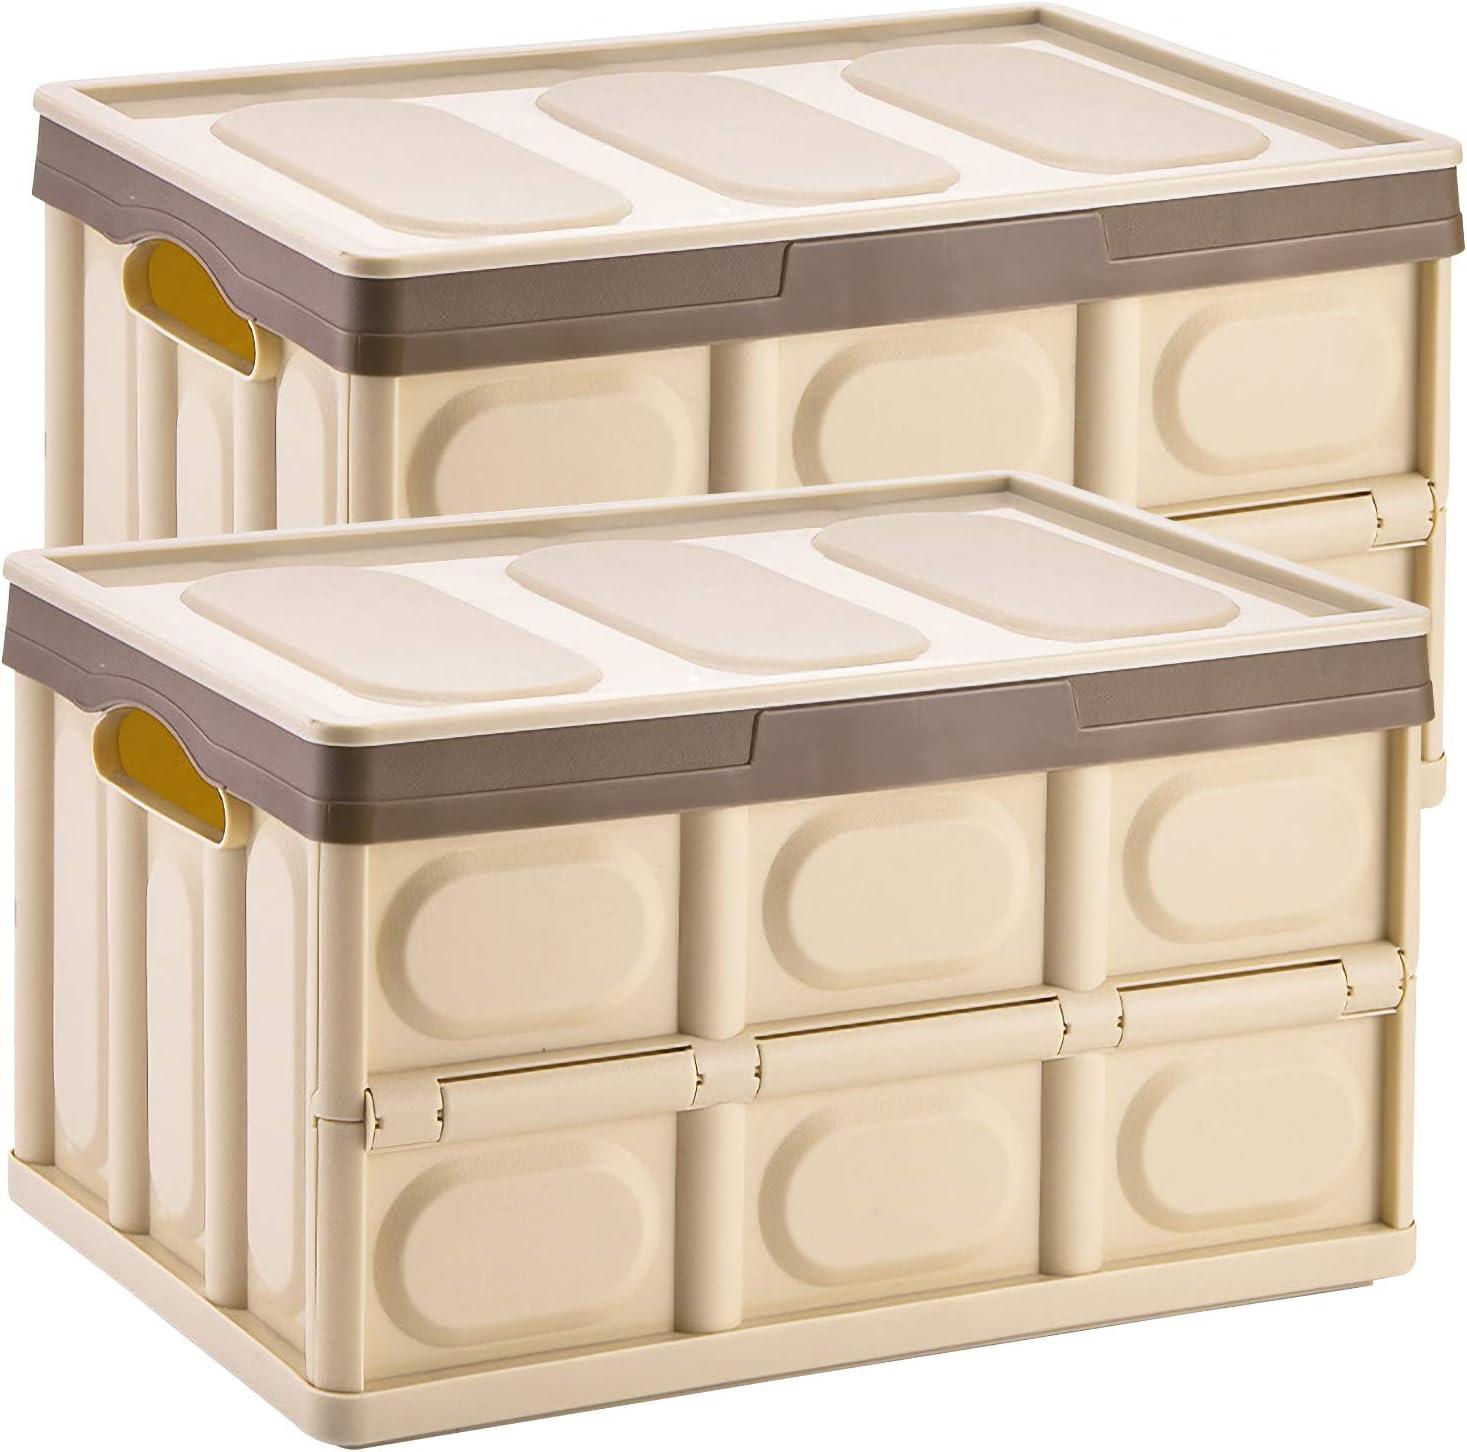 Yorbay Cajas de Almacenamiento Plegables de Plástico, 2 Unidades Contenedor Almacenaje Plegable Organizador con Tapa Adjunta para Oficina/Hogar/Habitación (Marrón, 55L)